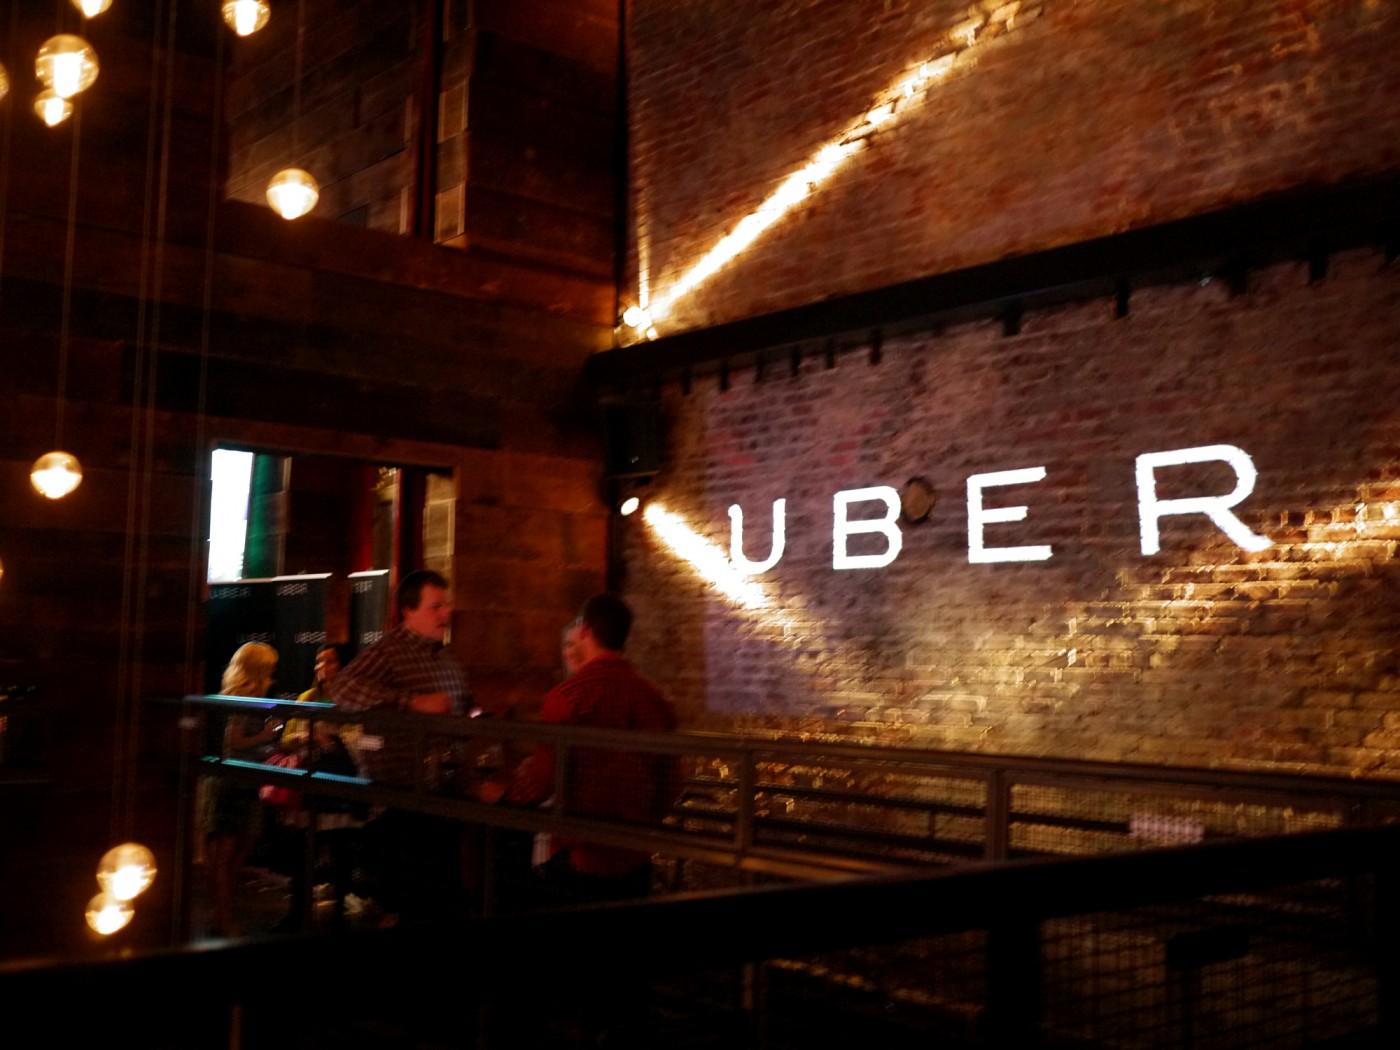 麻煩大了?美國司法部針對Uber利用軟體躲避執法人員查緝展開刑事調查